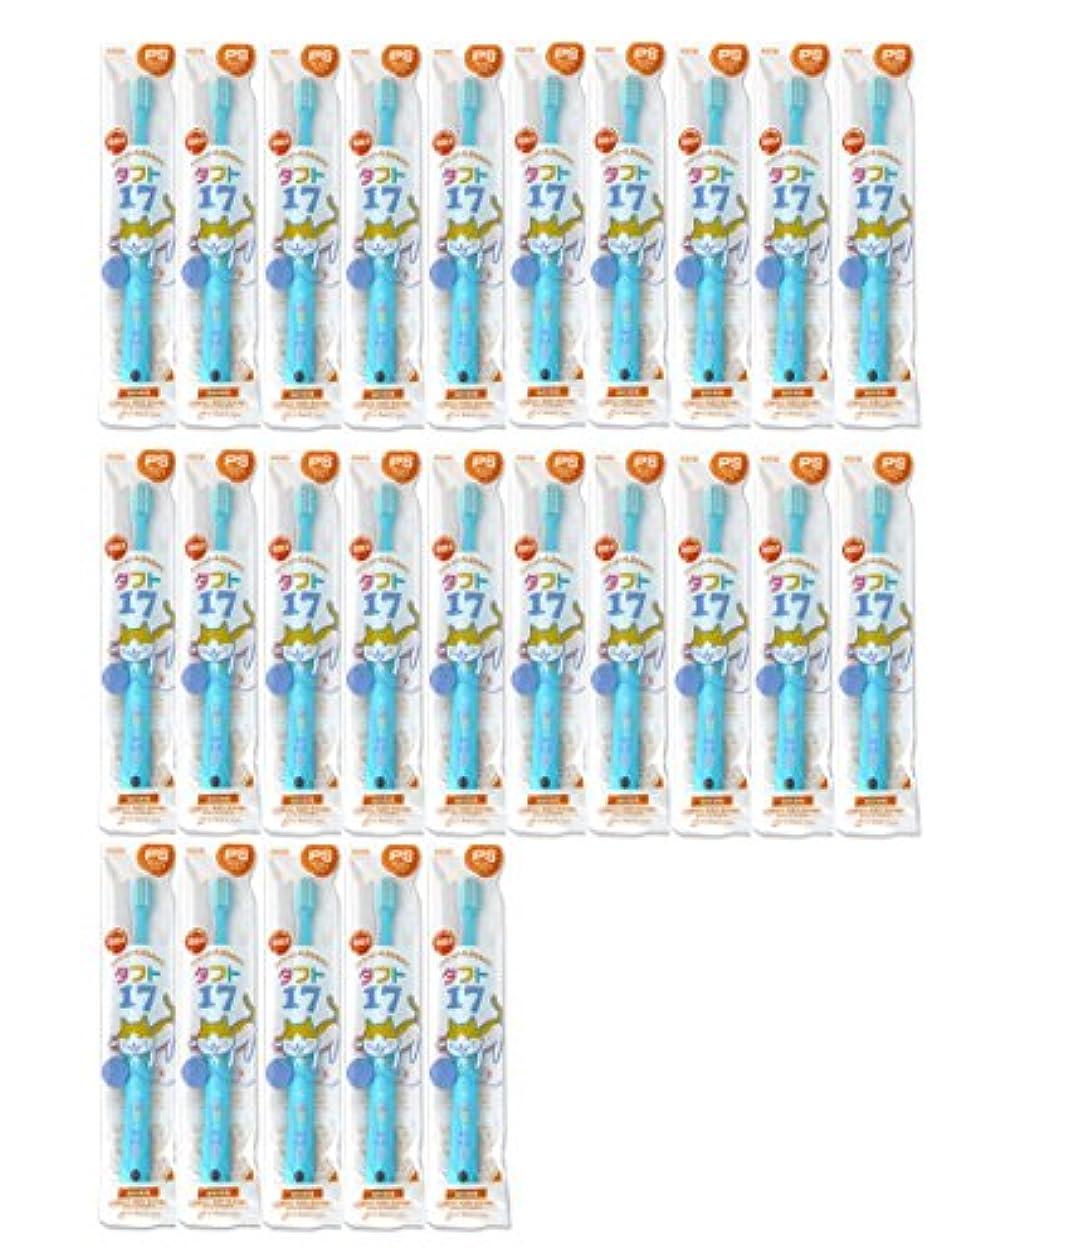 方法不名誉な振るうタフト17 25本 オーラルケア【タフト17/プレミアムソフト 子供】乳歯列期(1~7歳)こども歯ブラシ 25本セット ブルー